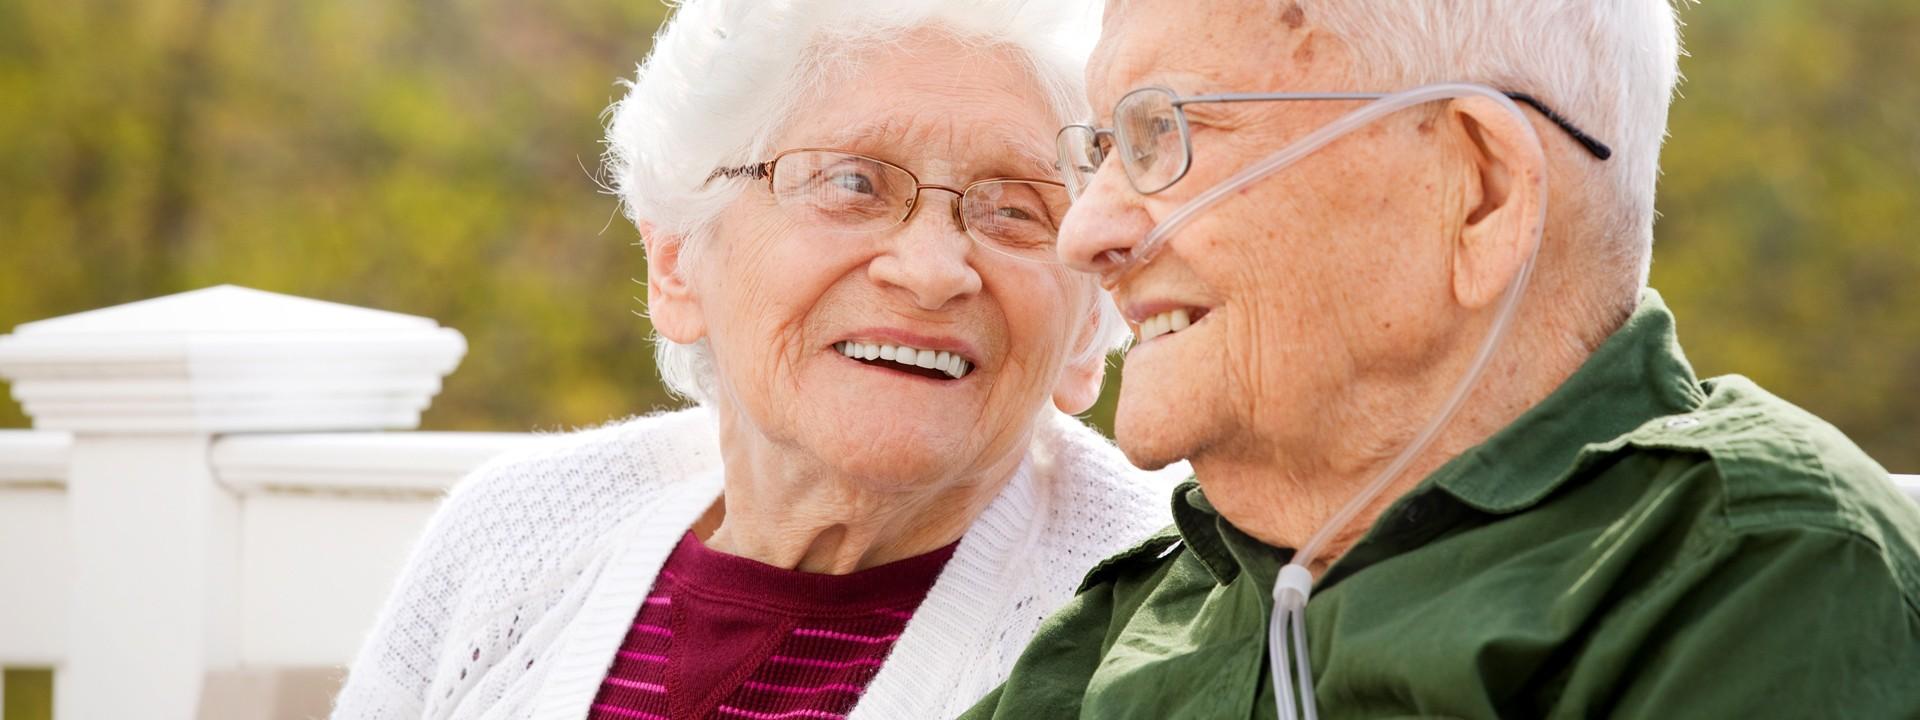 Ein Seniorenpaar sitzt auf einer weißen Bank und schauen sich lächeln an. Der Mann trägt ein Sauerstoffgerät.